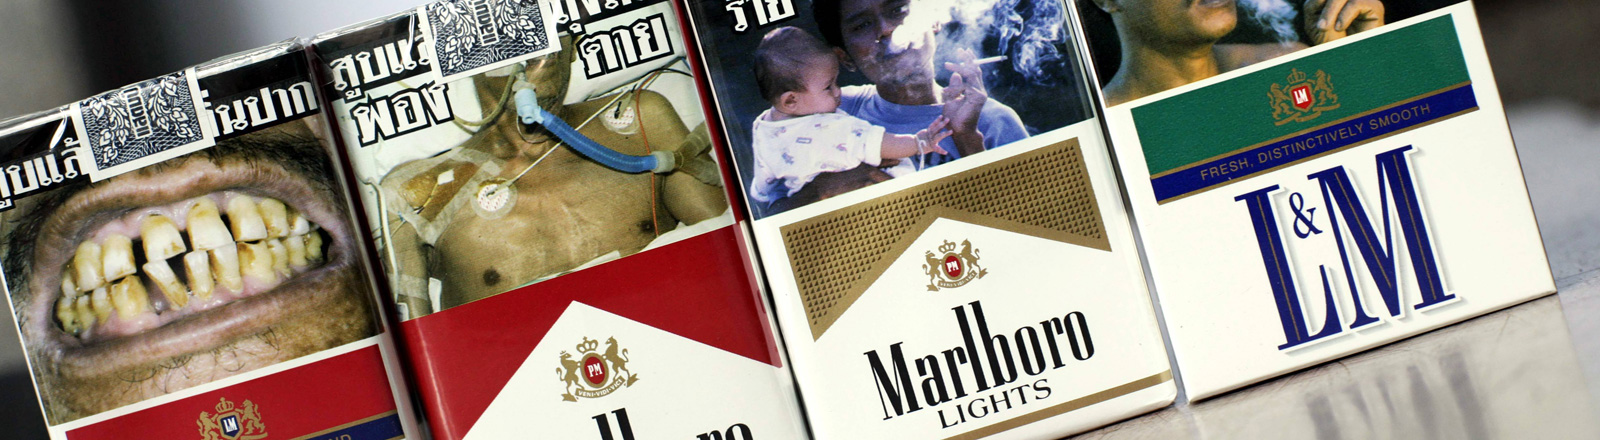 Auf vier Zigarettenpackungen sind Schockfotos. Zum Beispiel von verfaulten Zähnen und einer Frau, die raucht und ein kleines Kind auf dem Arm hält.